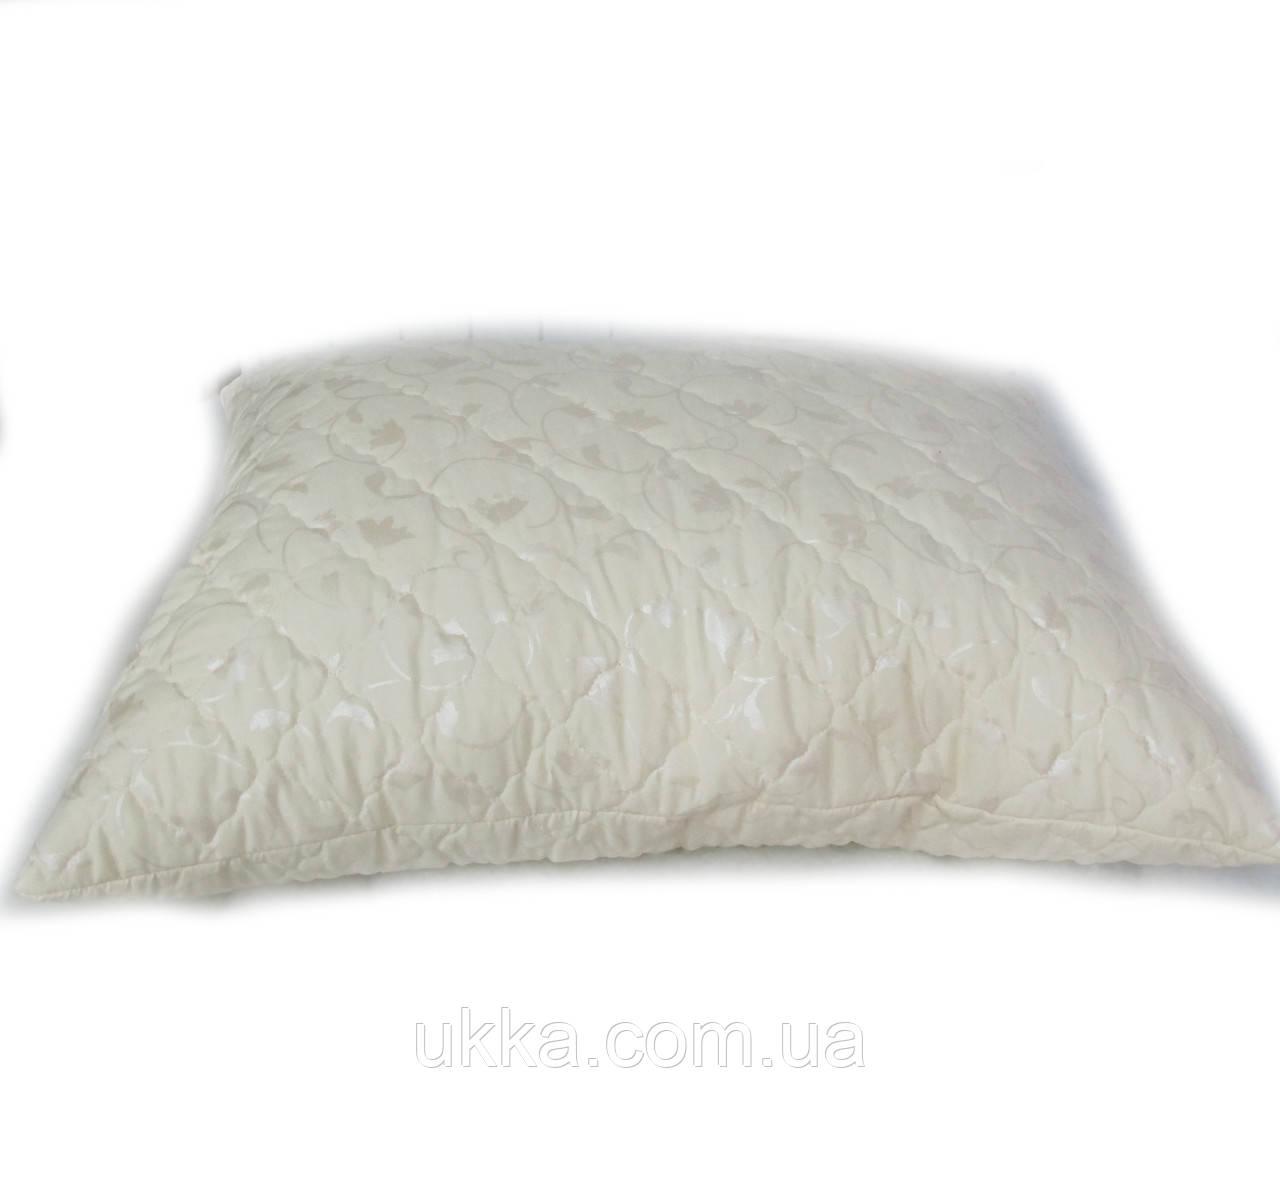 Подушка 50х70 с замочком холлофайбер Ода